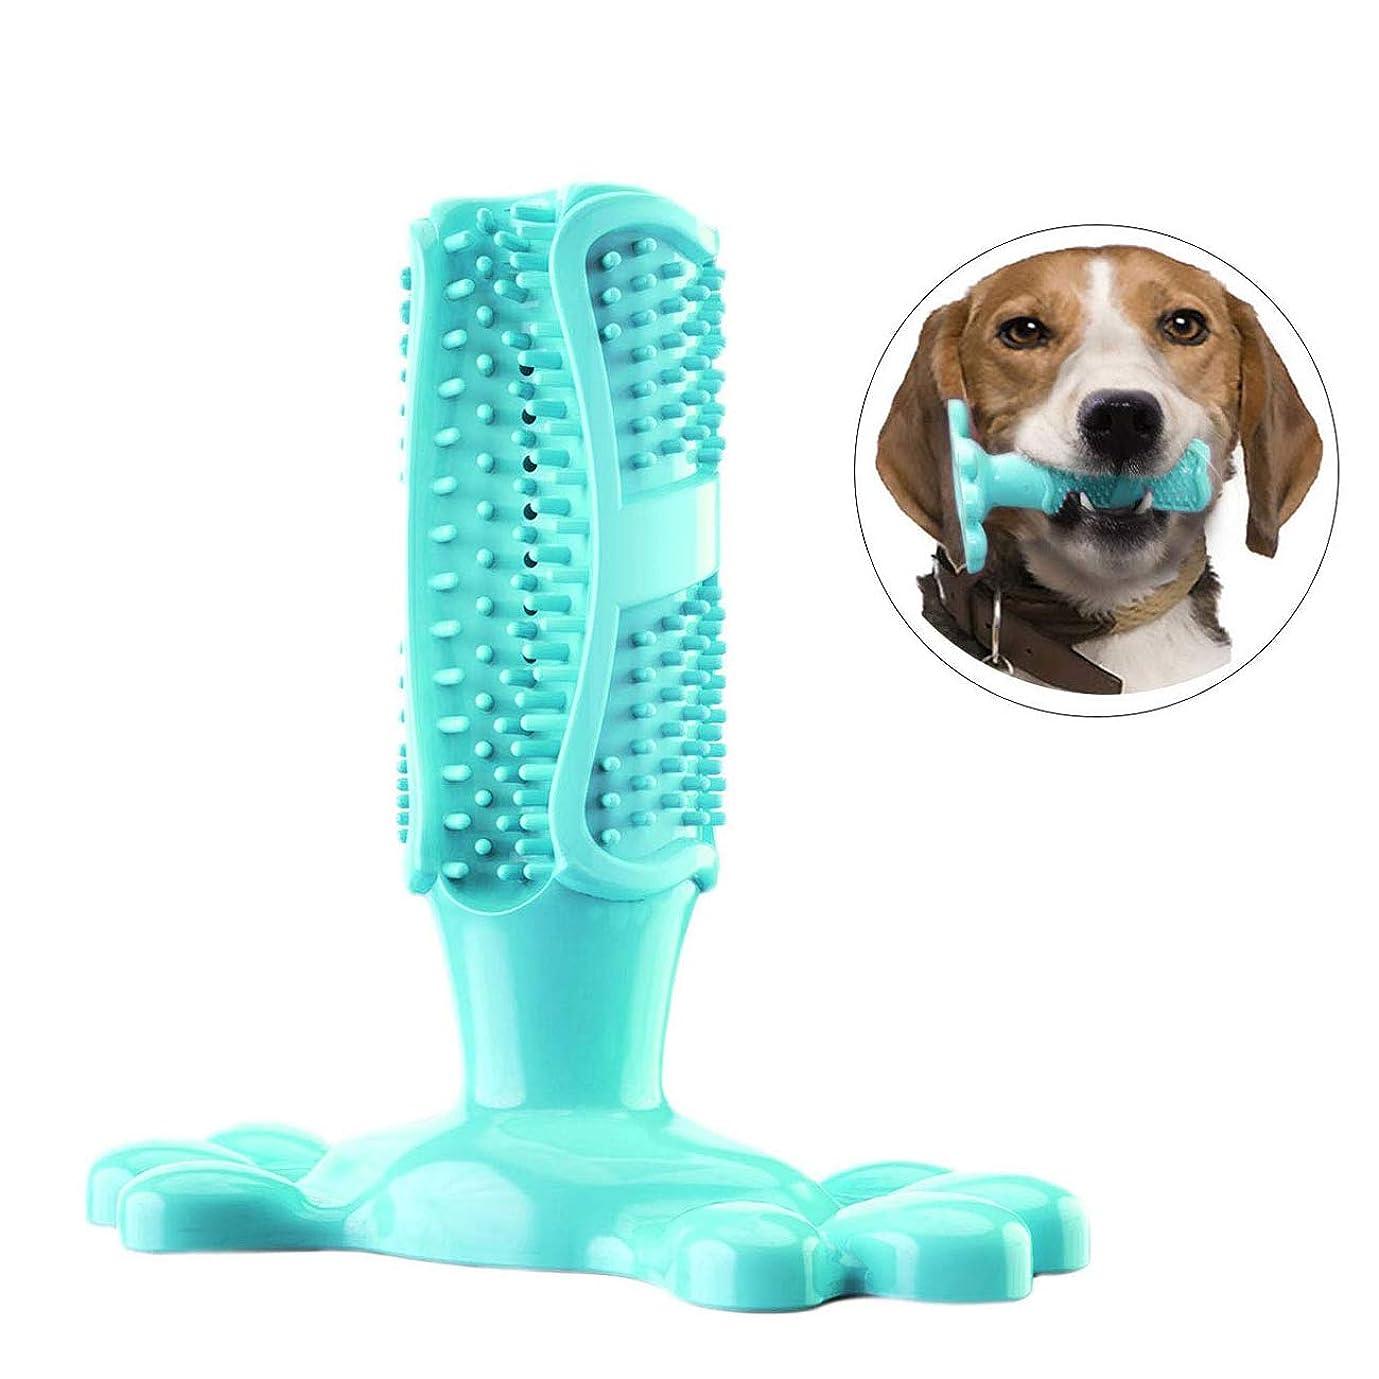 人類ジャンル放射能犬用歯磨きおもちゃ歯磨き棒 柔らかい犬かむ玩具 歯石予防 360度清潔 耐久性 天然ゴム 安心使用